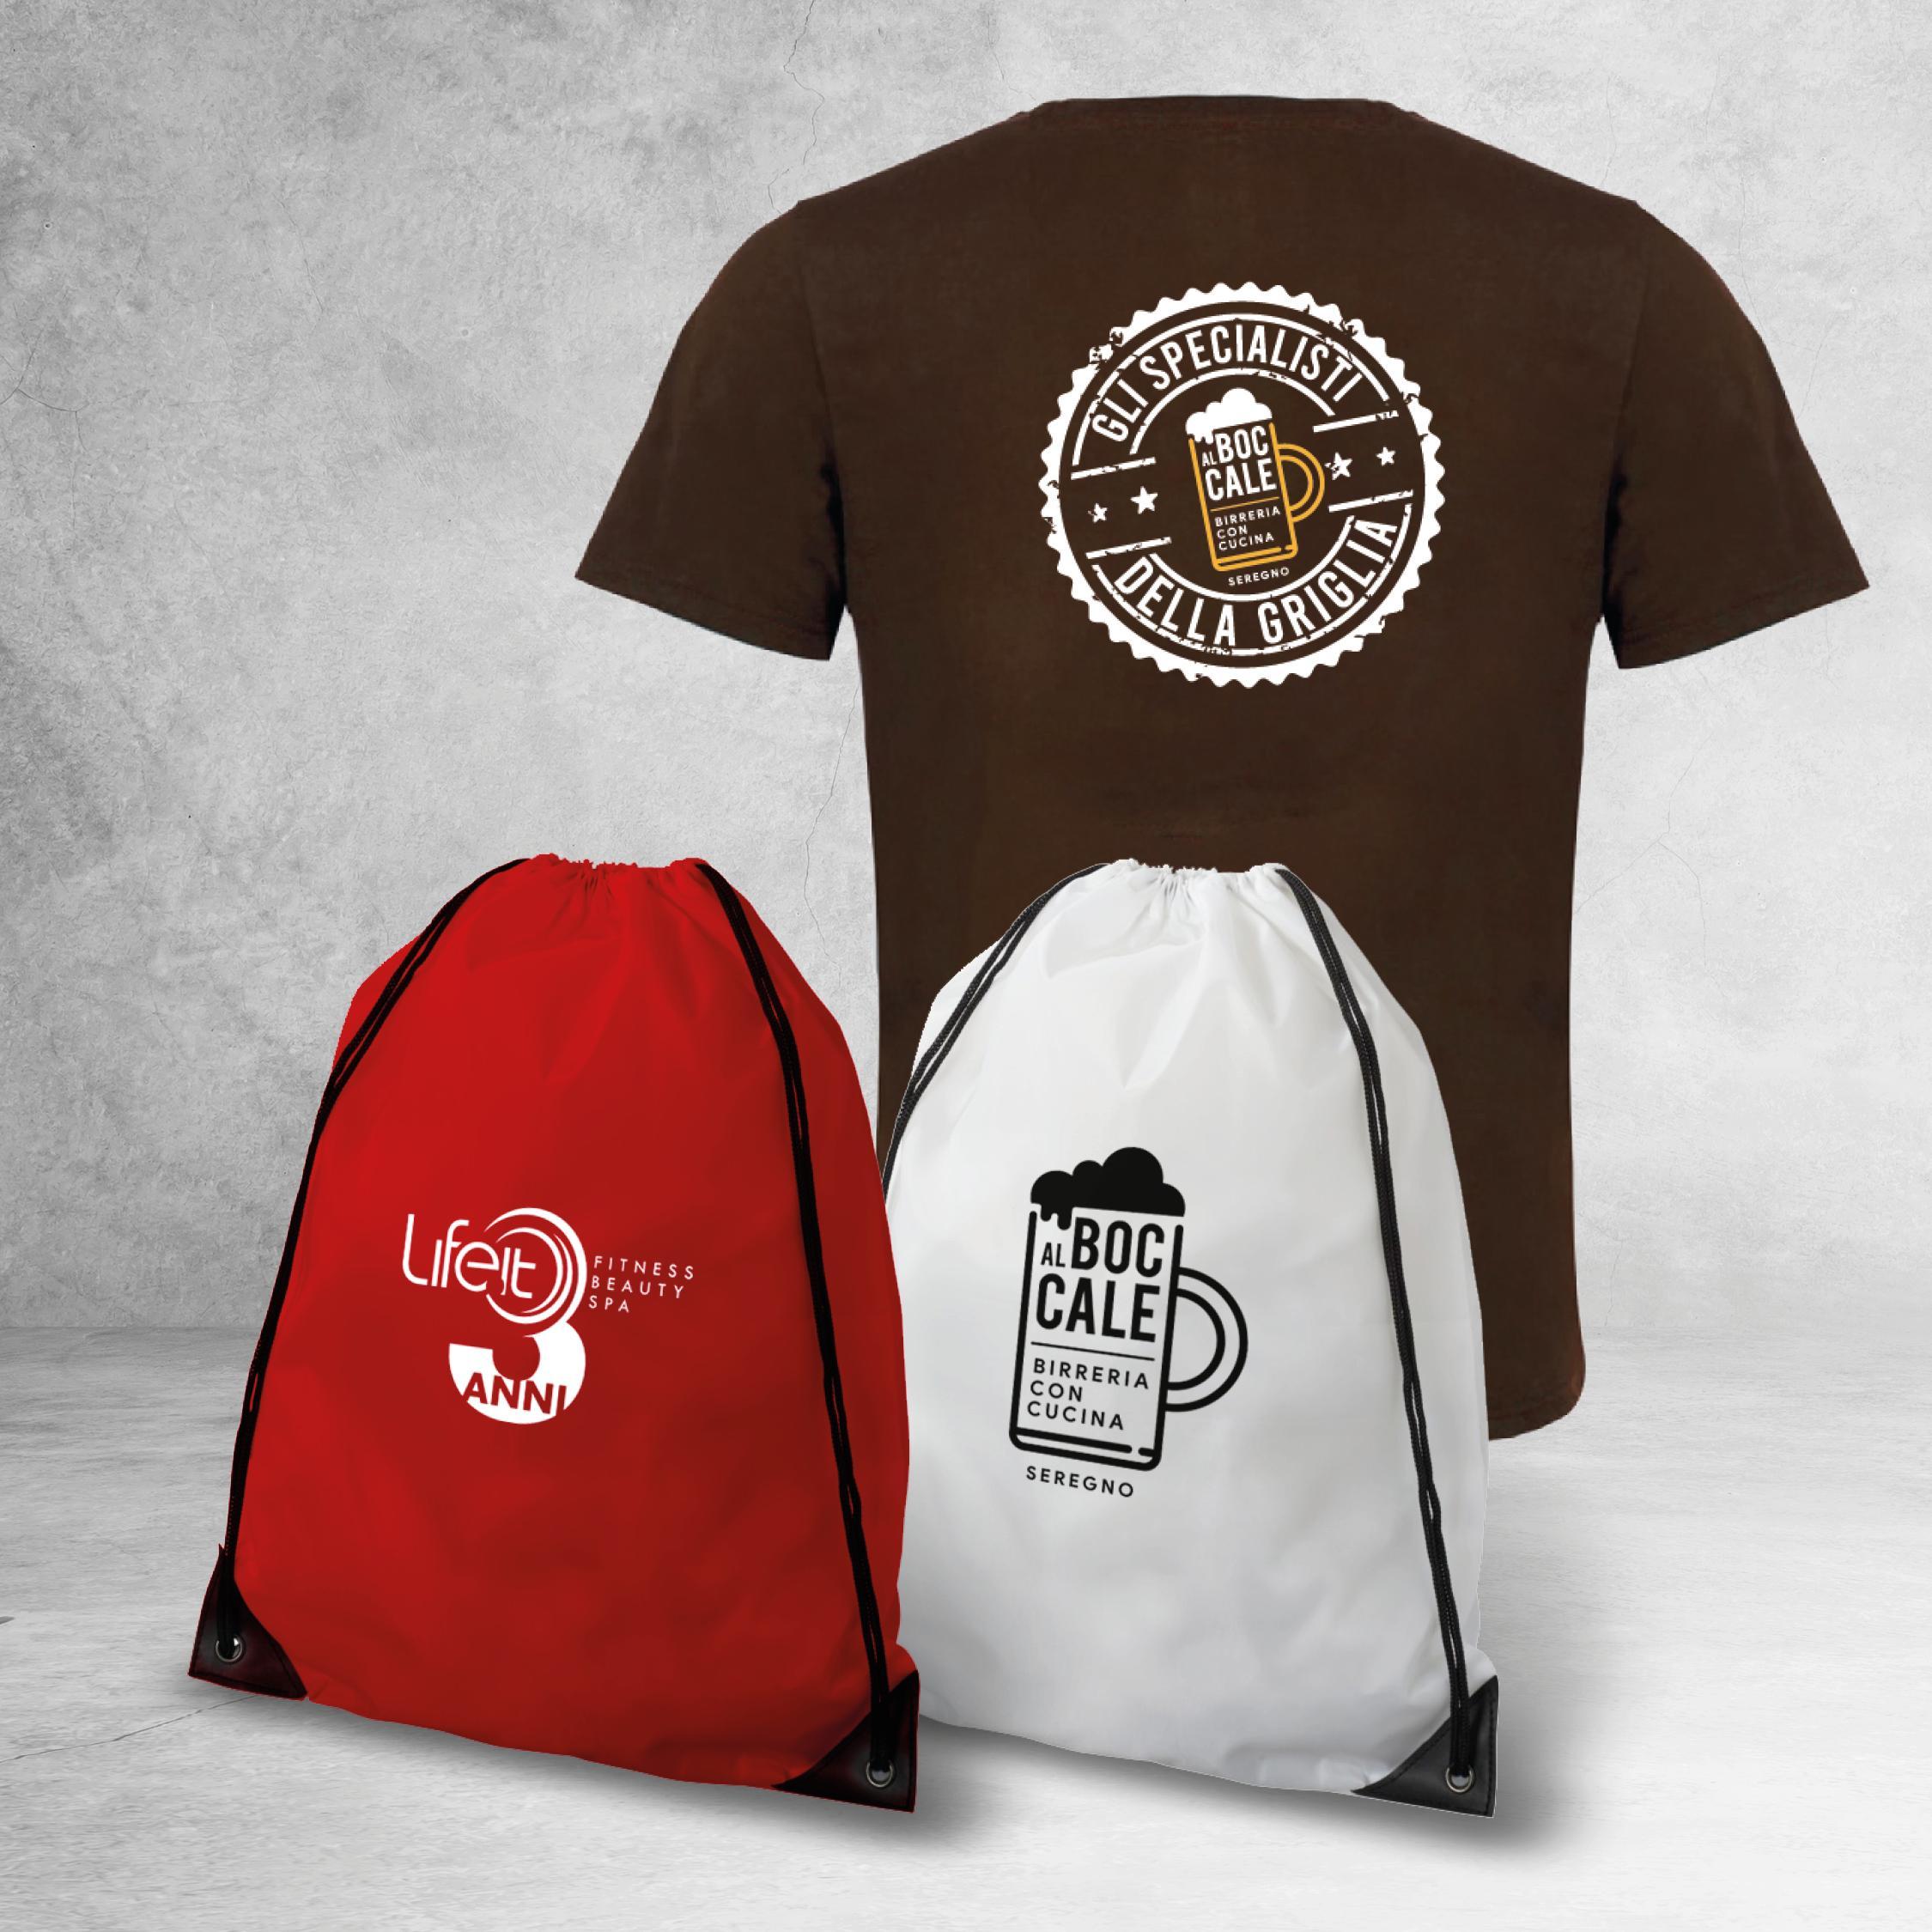 magliette e sacche personalizzate